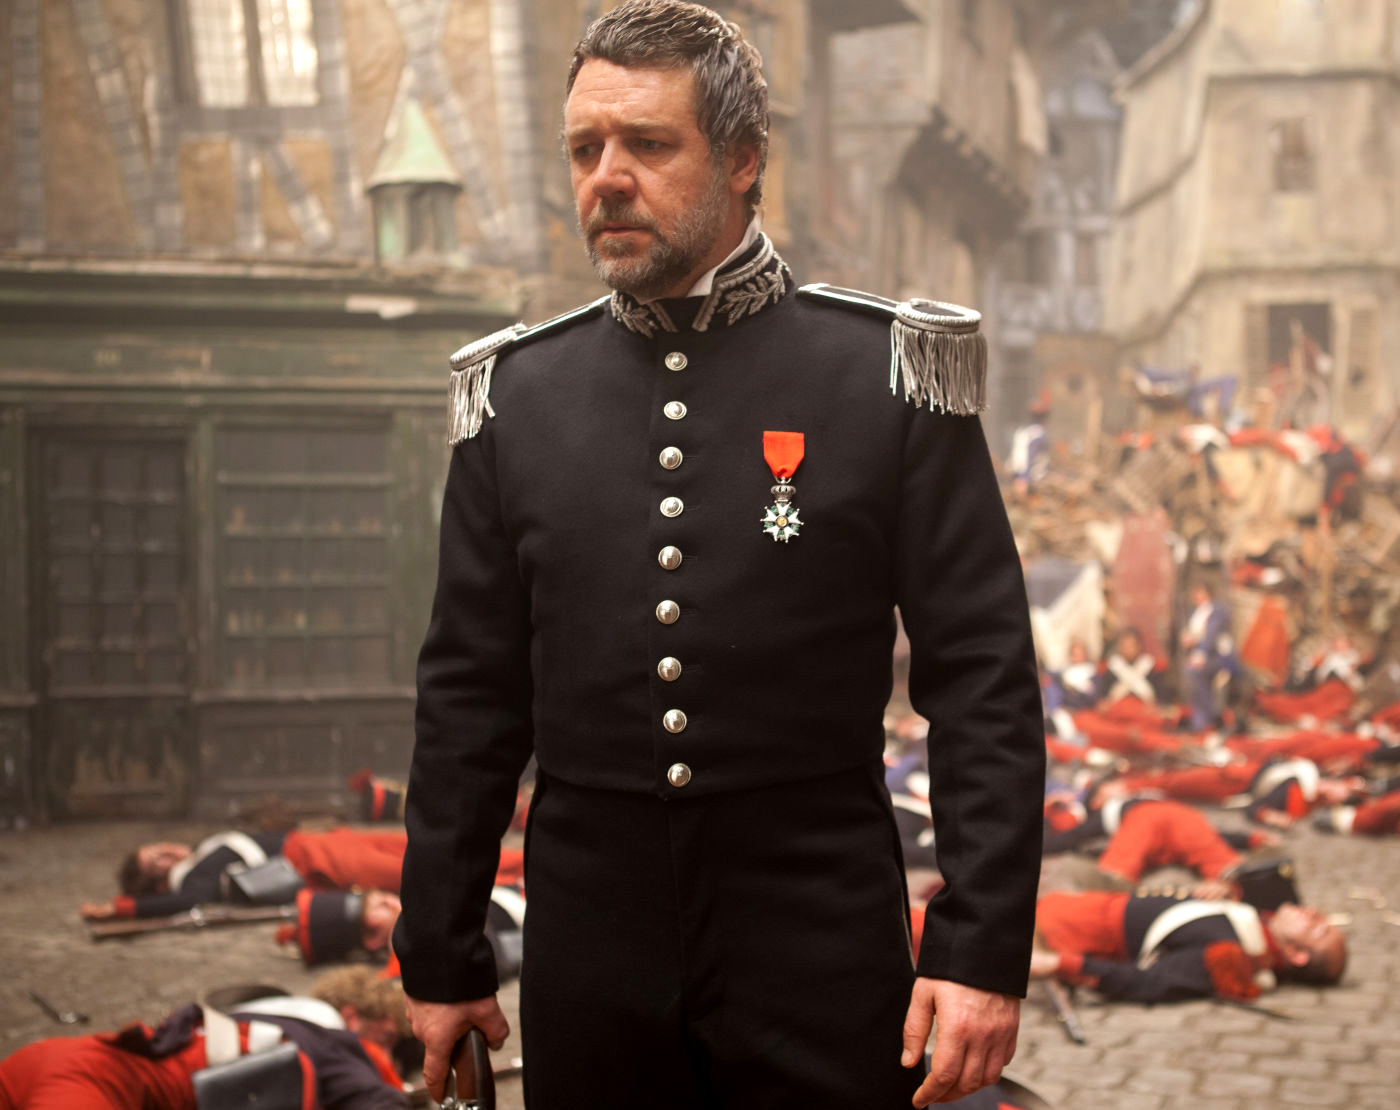 lesmis javert 25 Things You Didn't Know About Les Misérables (2012)